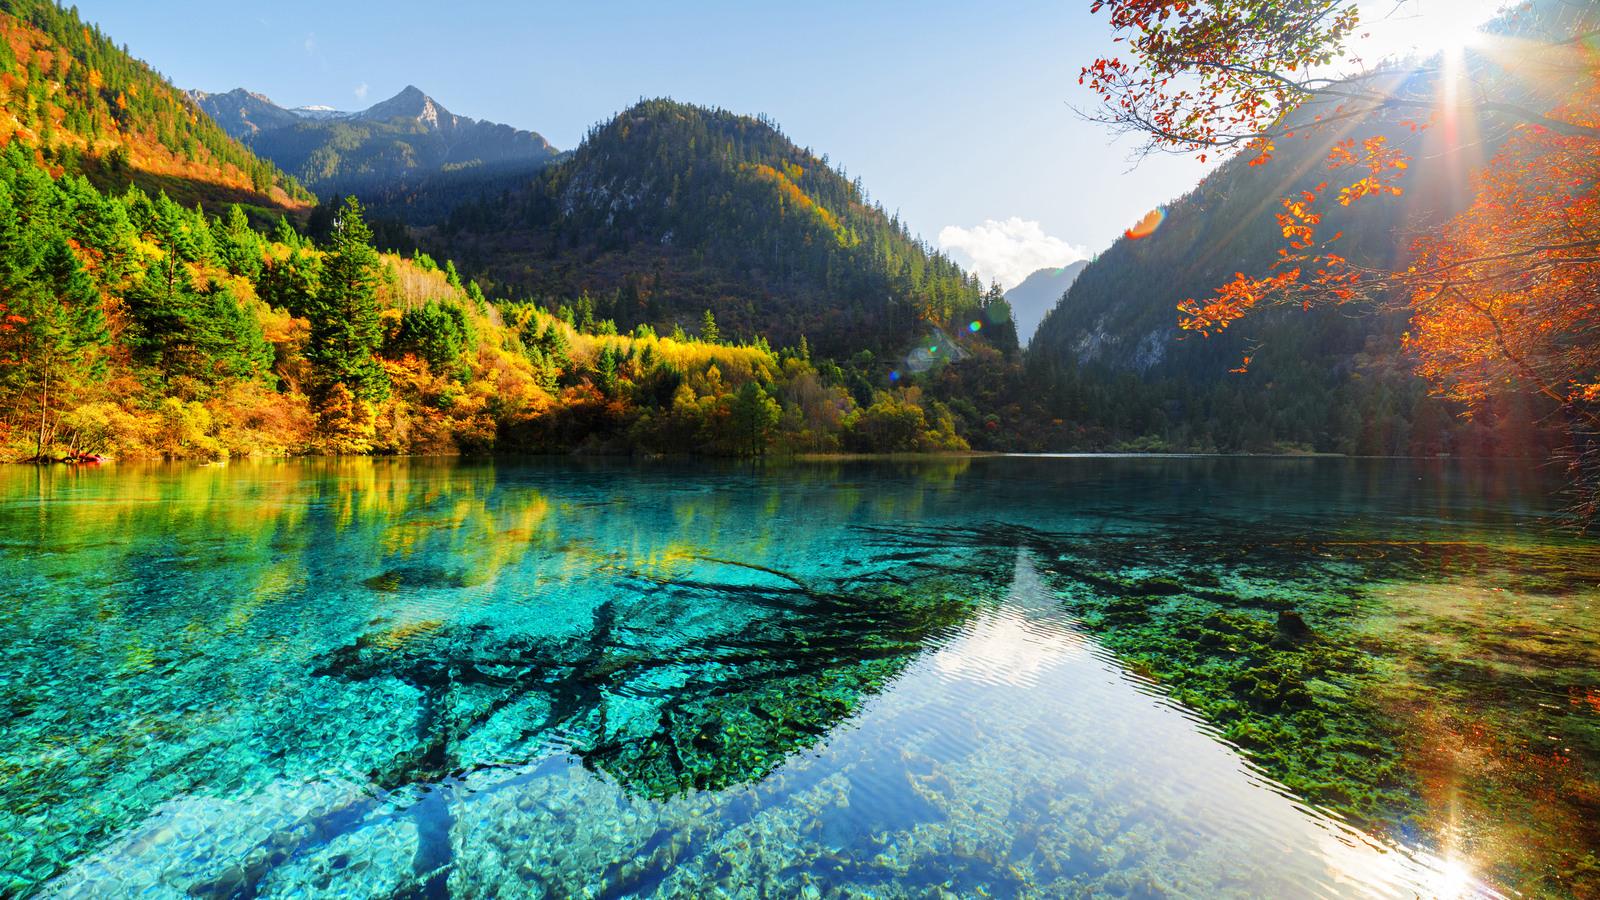 1600x900 Lake Ultra Hd 4k 1600x900